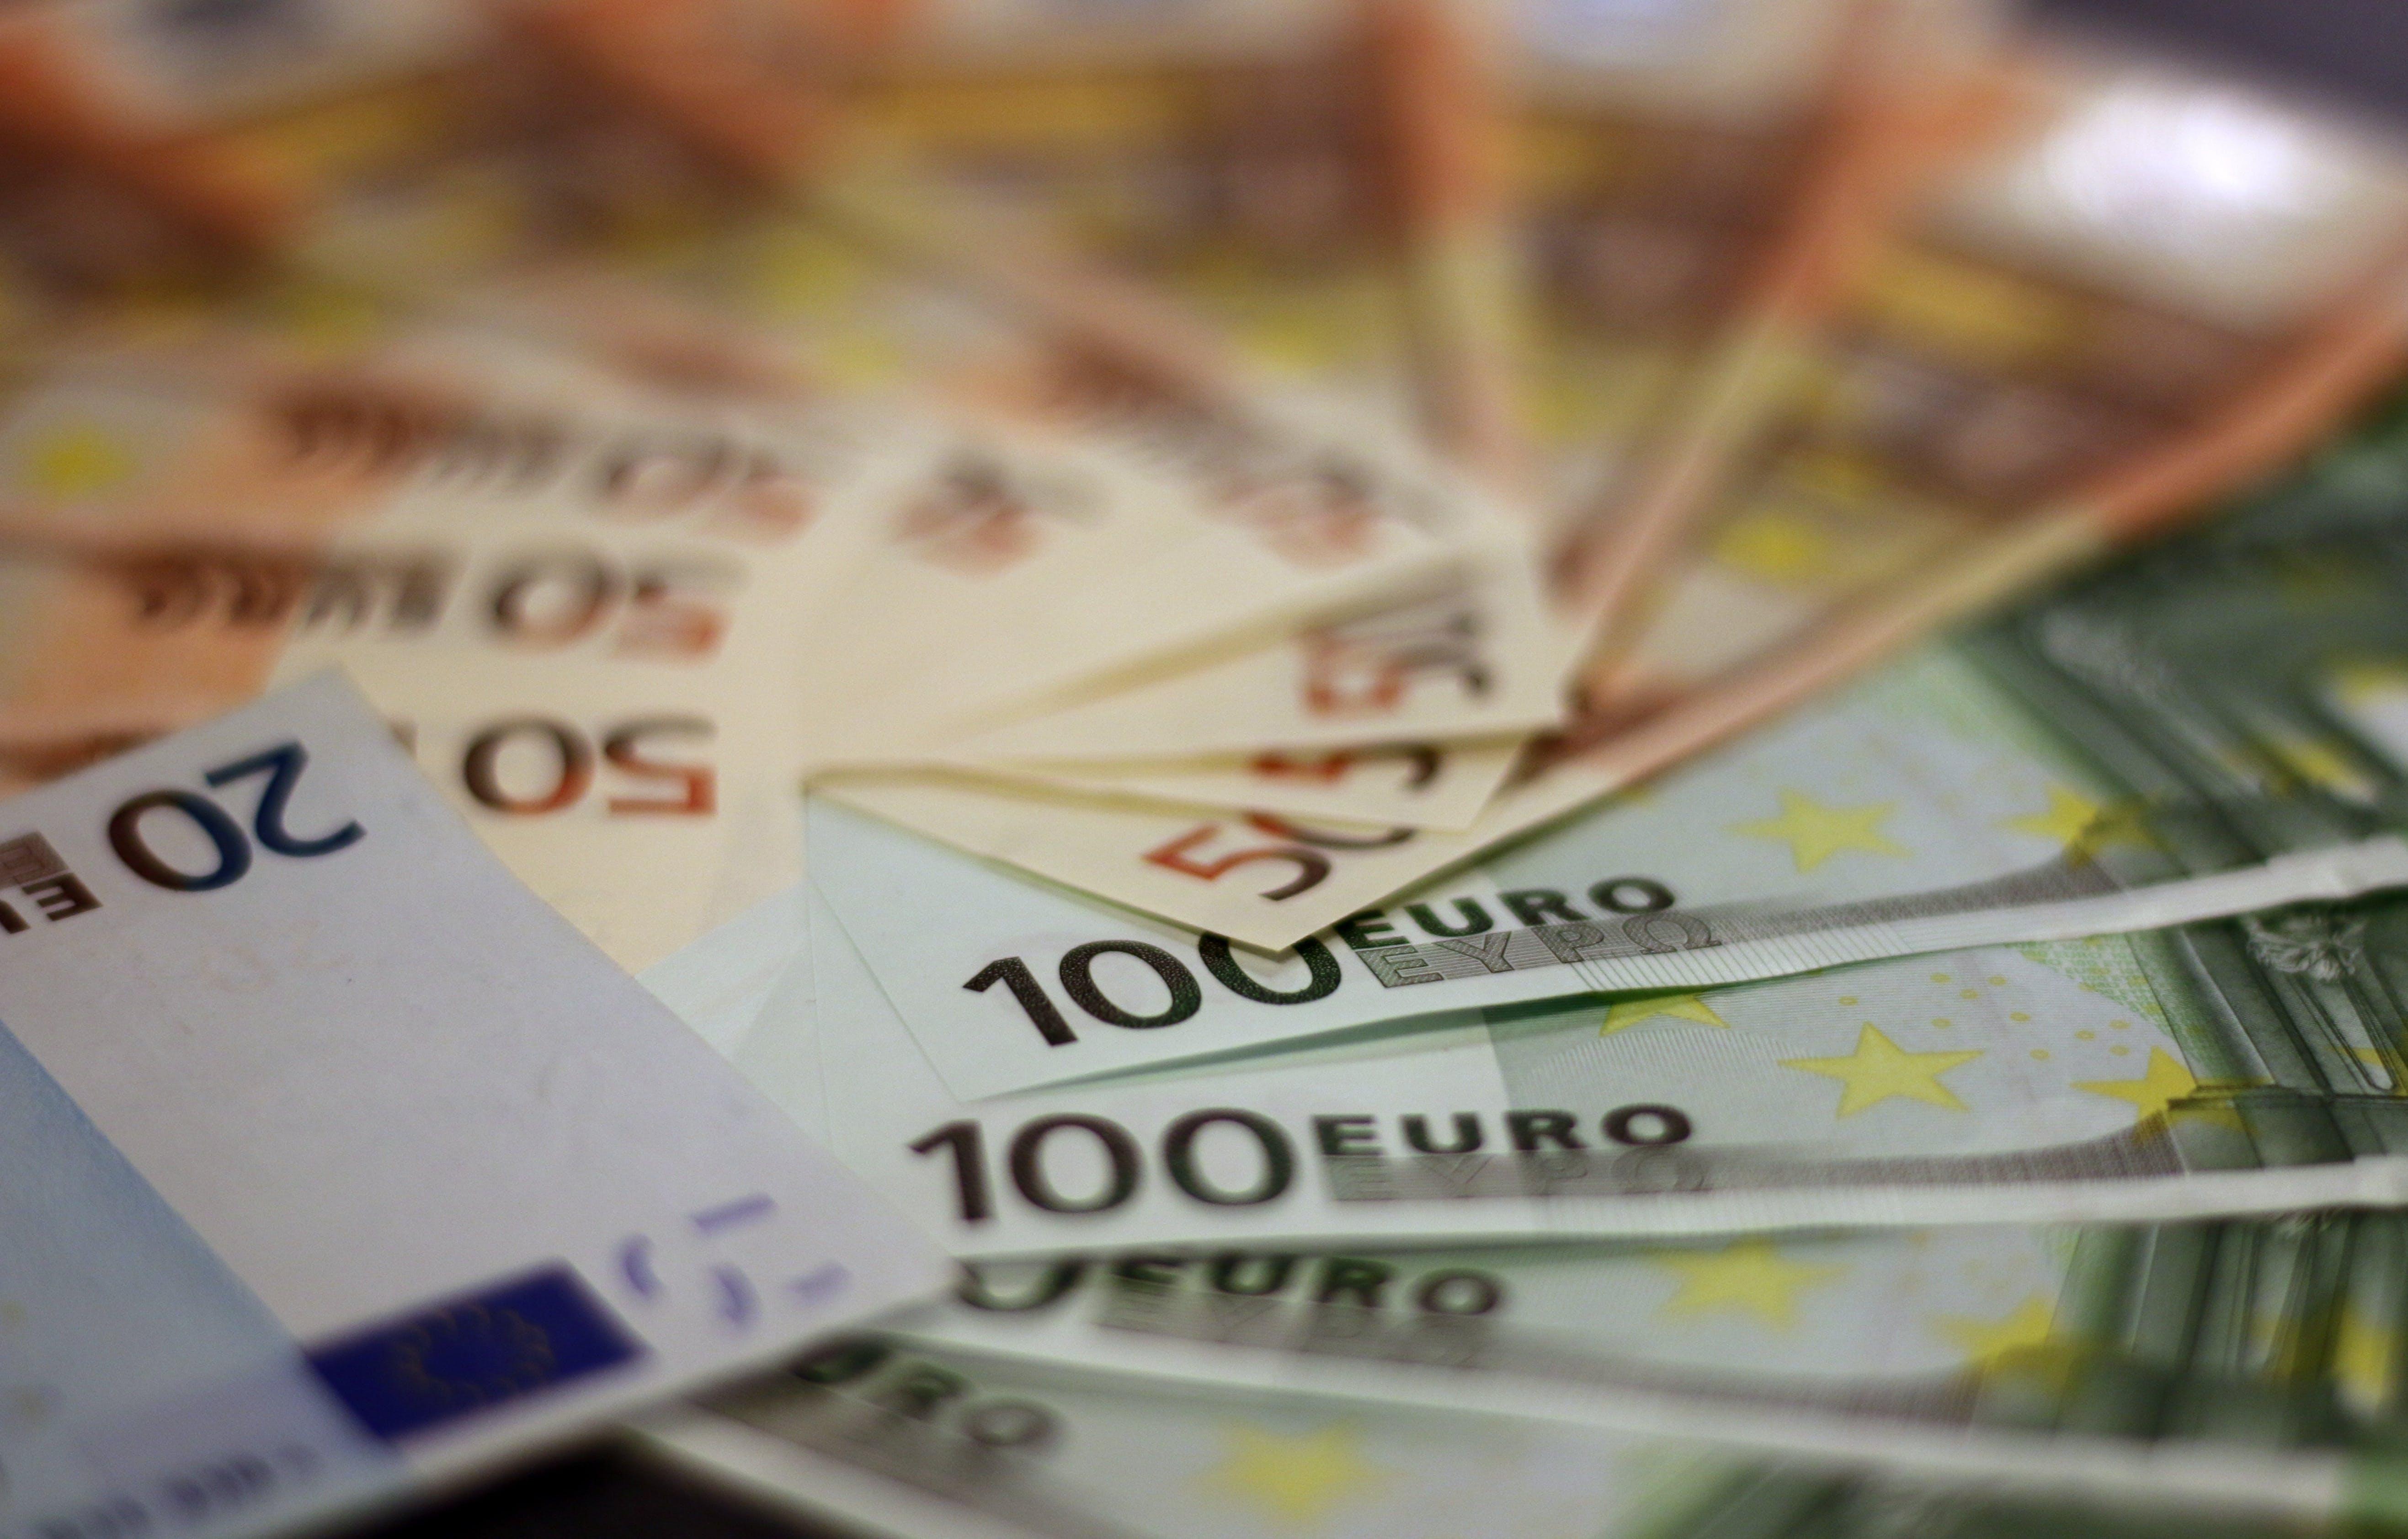 bank notes, bill, bills